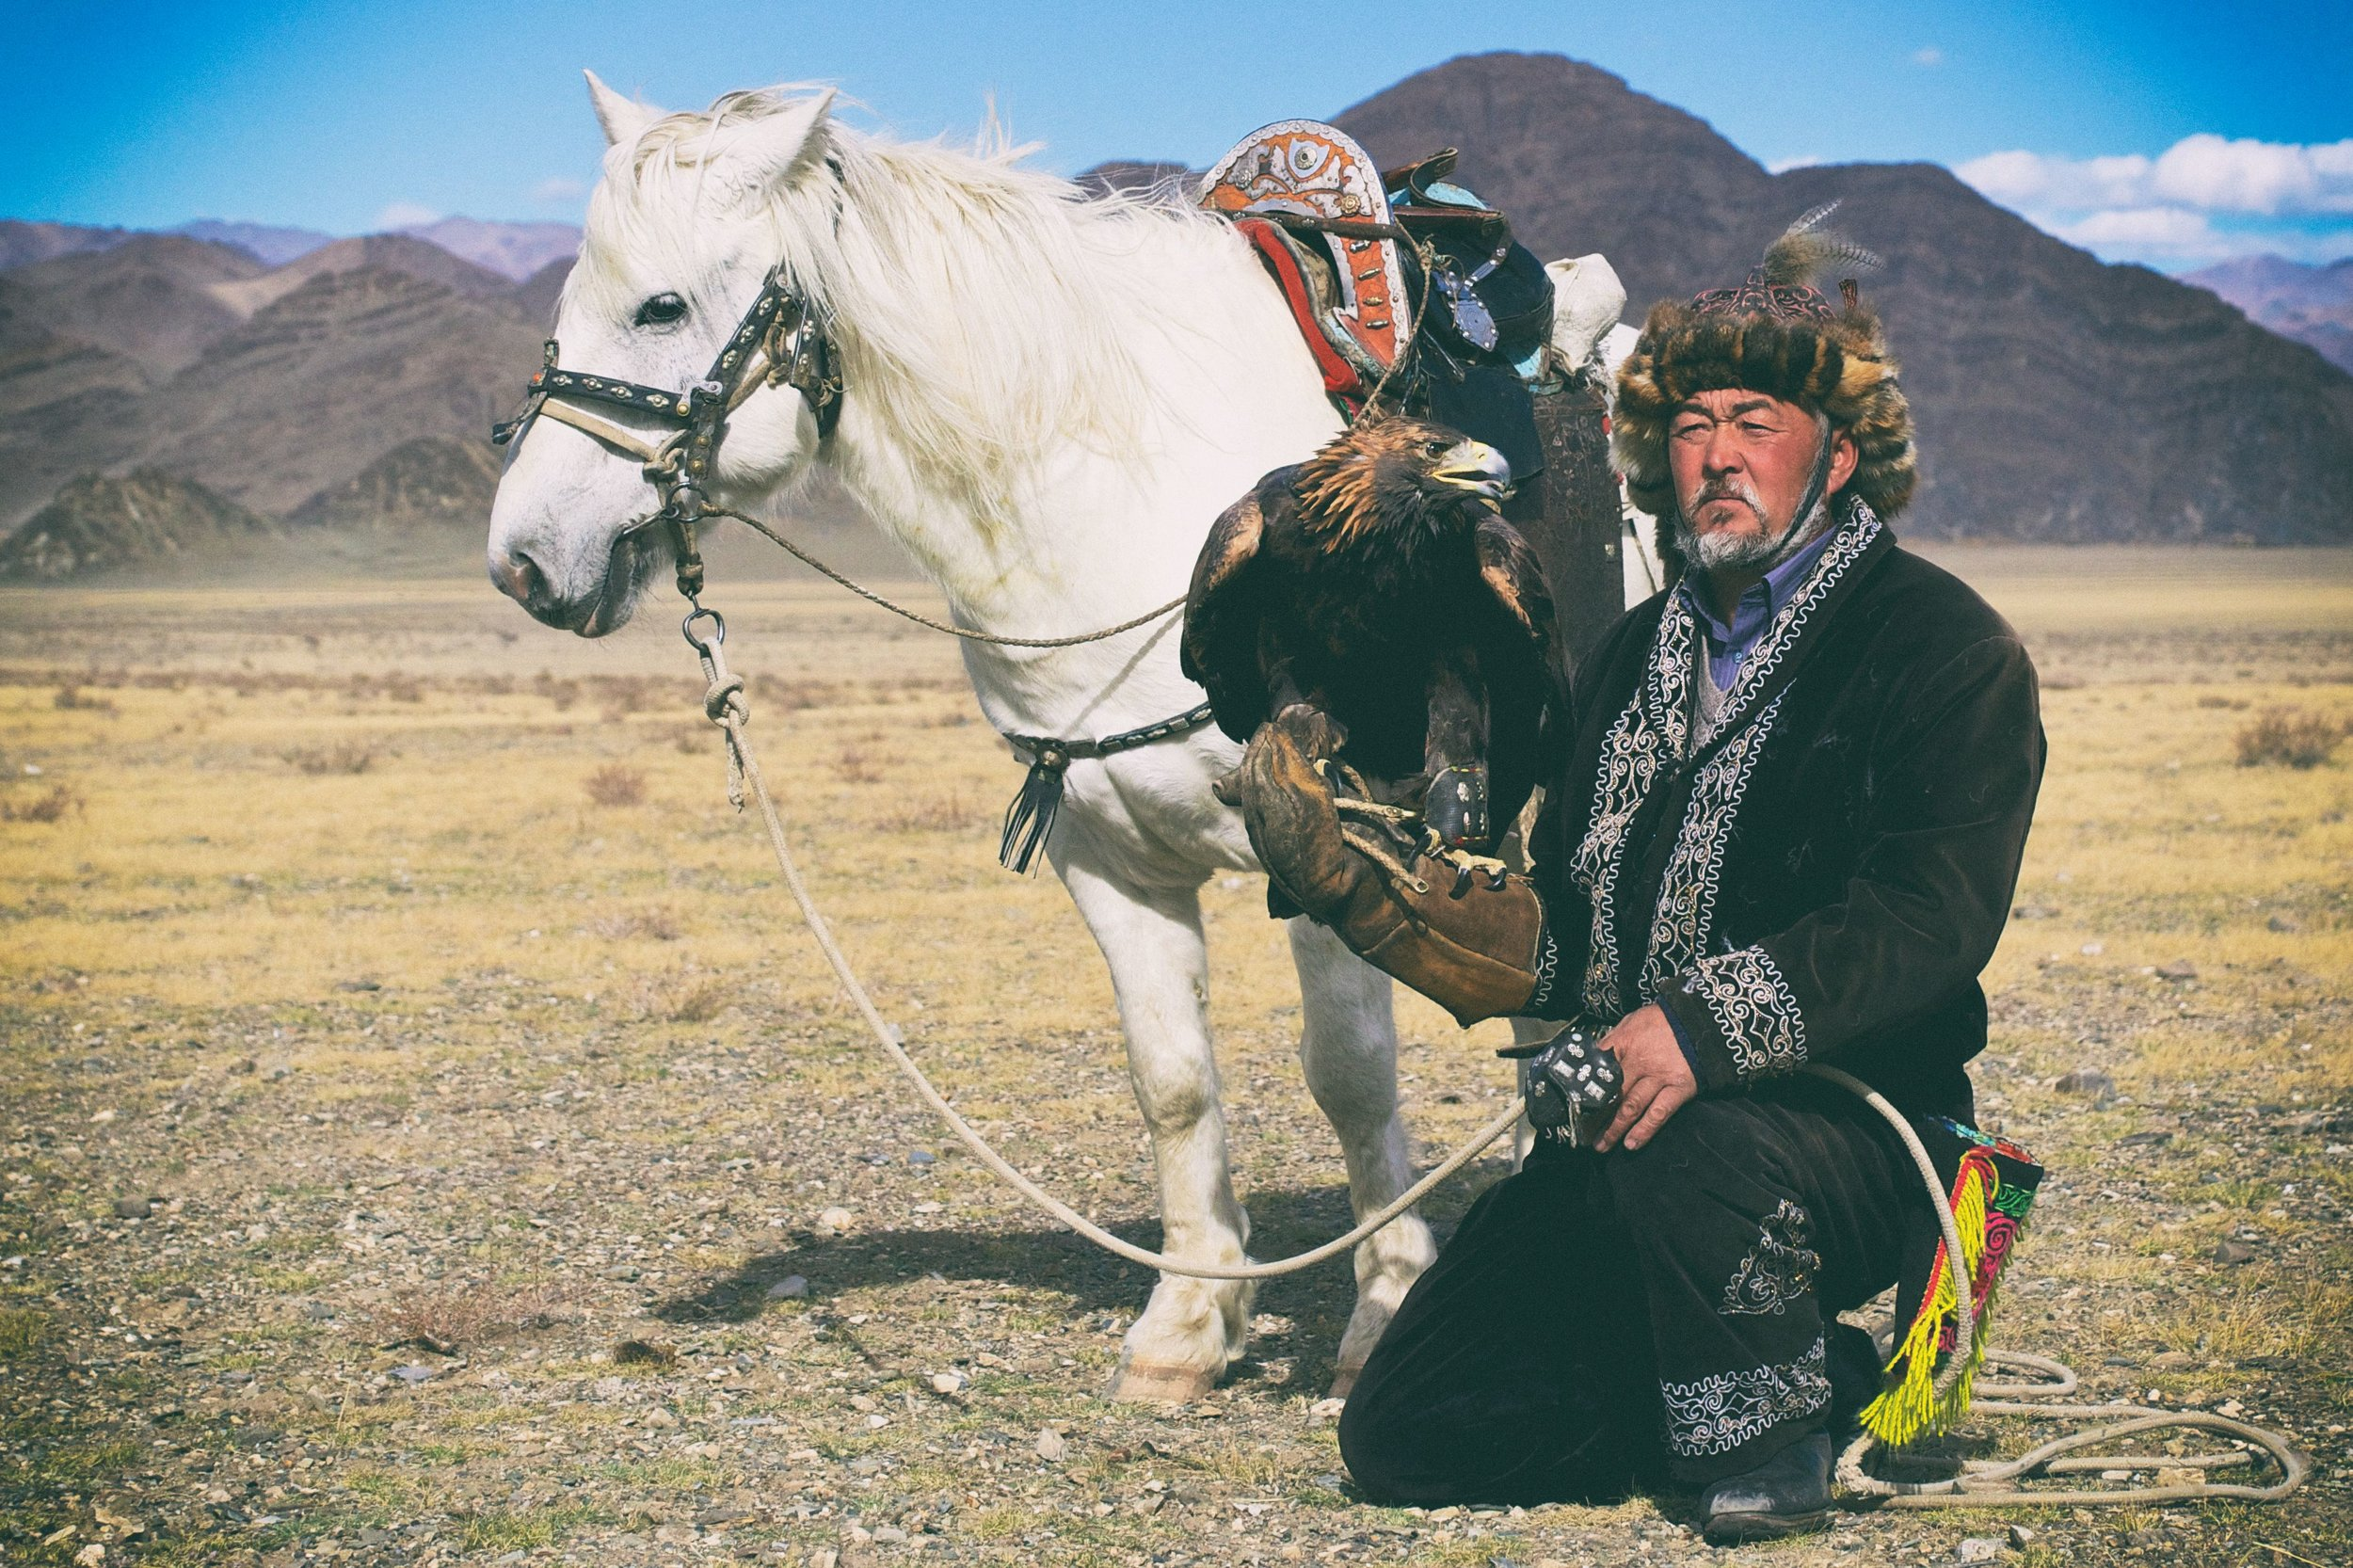 Khasar_EagleHunter_Chaimurat_EagleFestival_Ulgii_Mongolia_2012.jpg